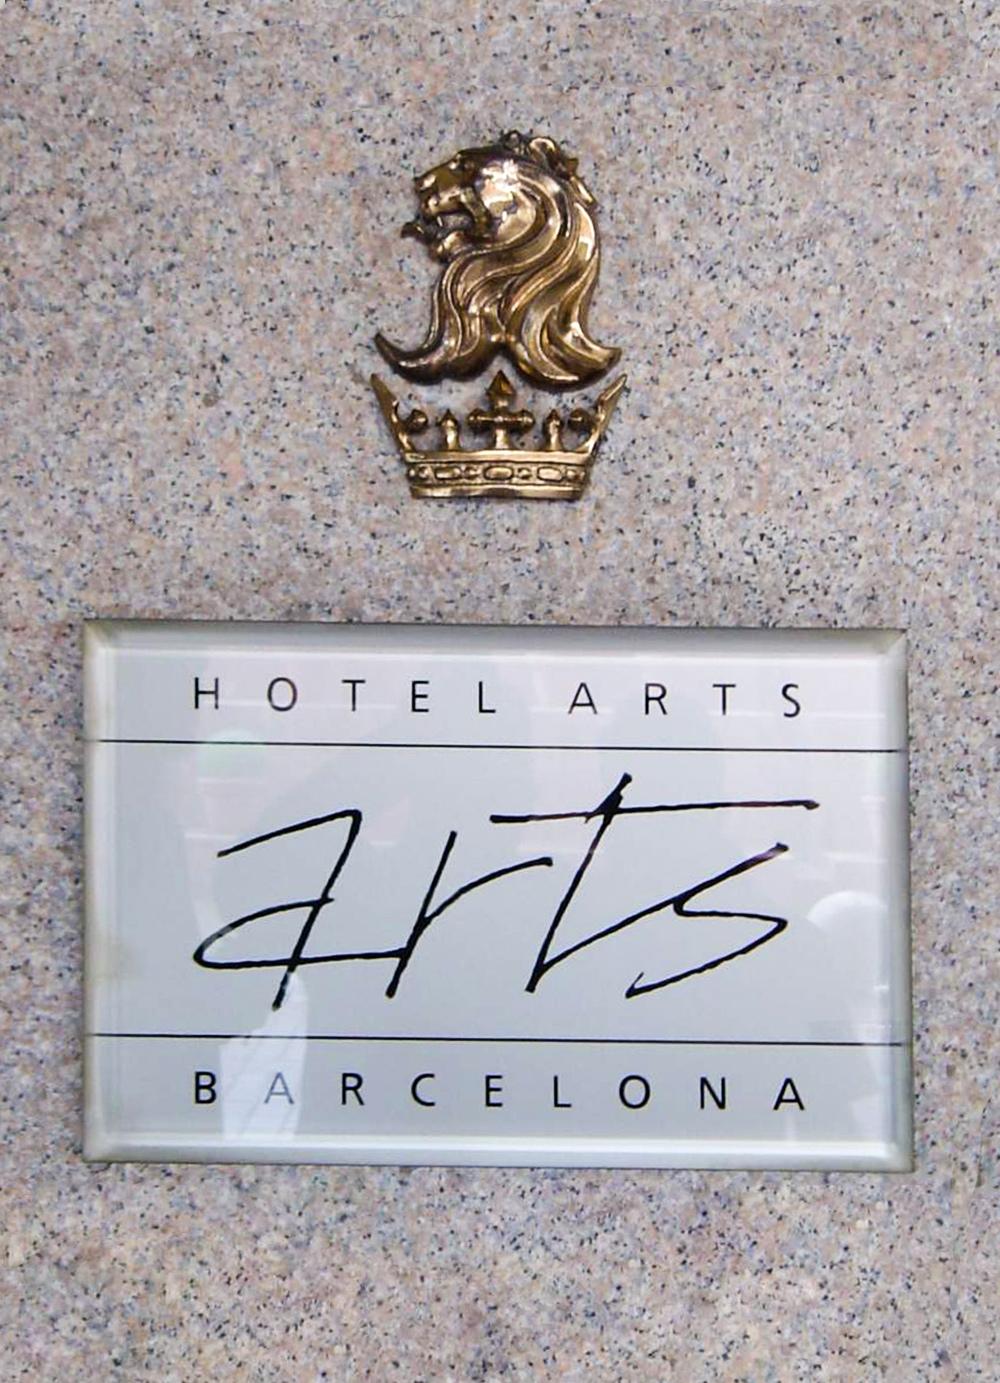 Escultura-Encargos-Hotel-Arts-A-RD.Escultor